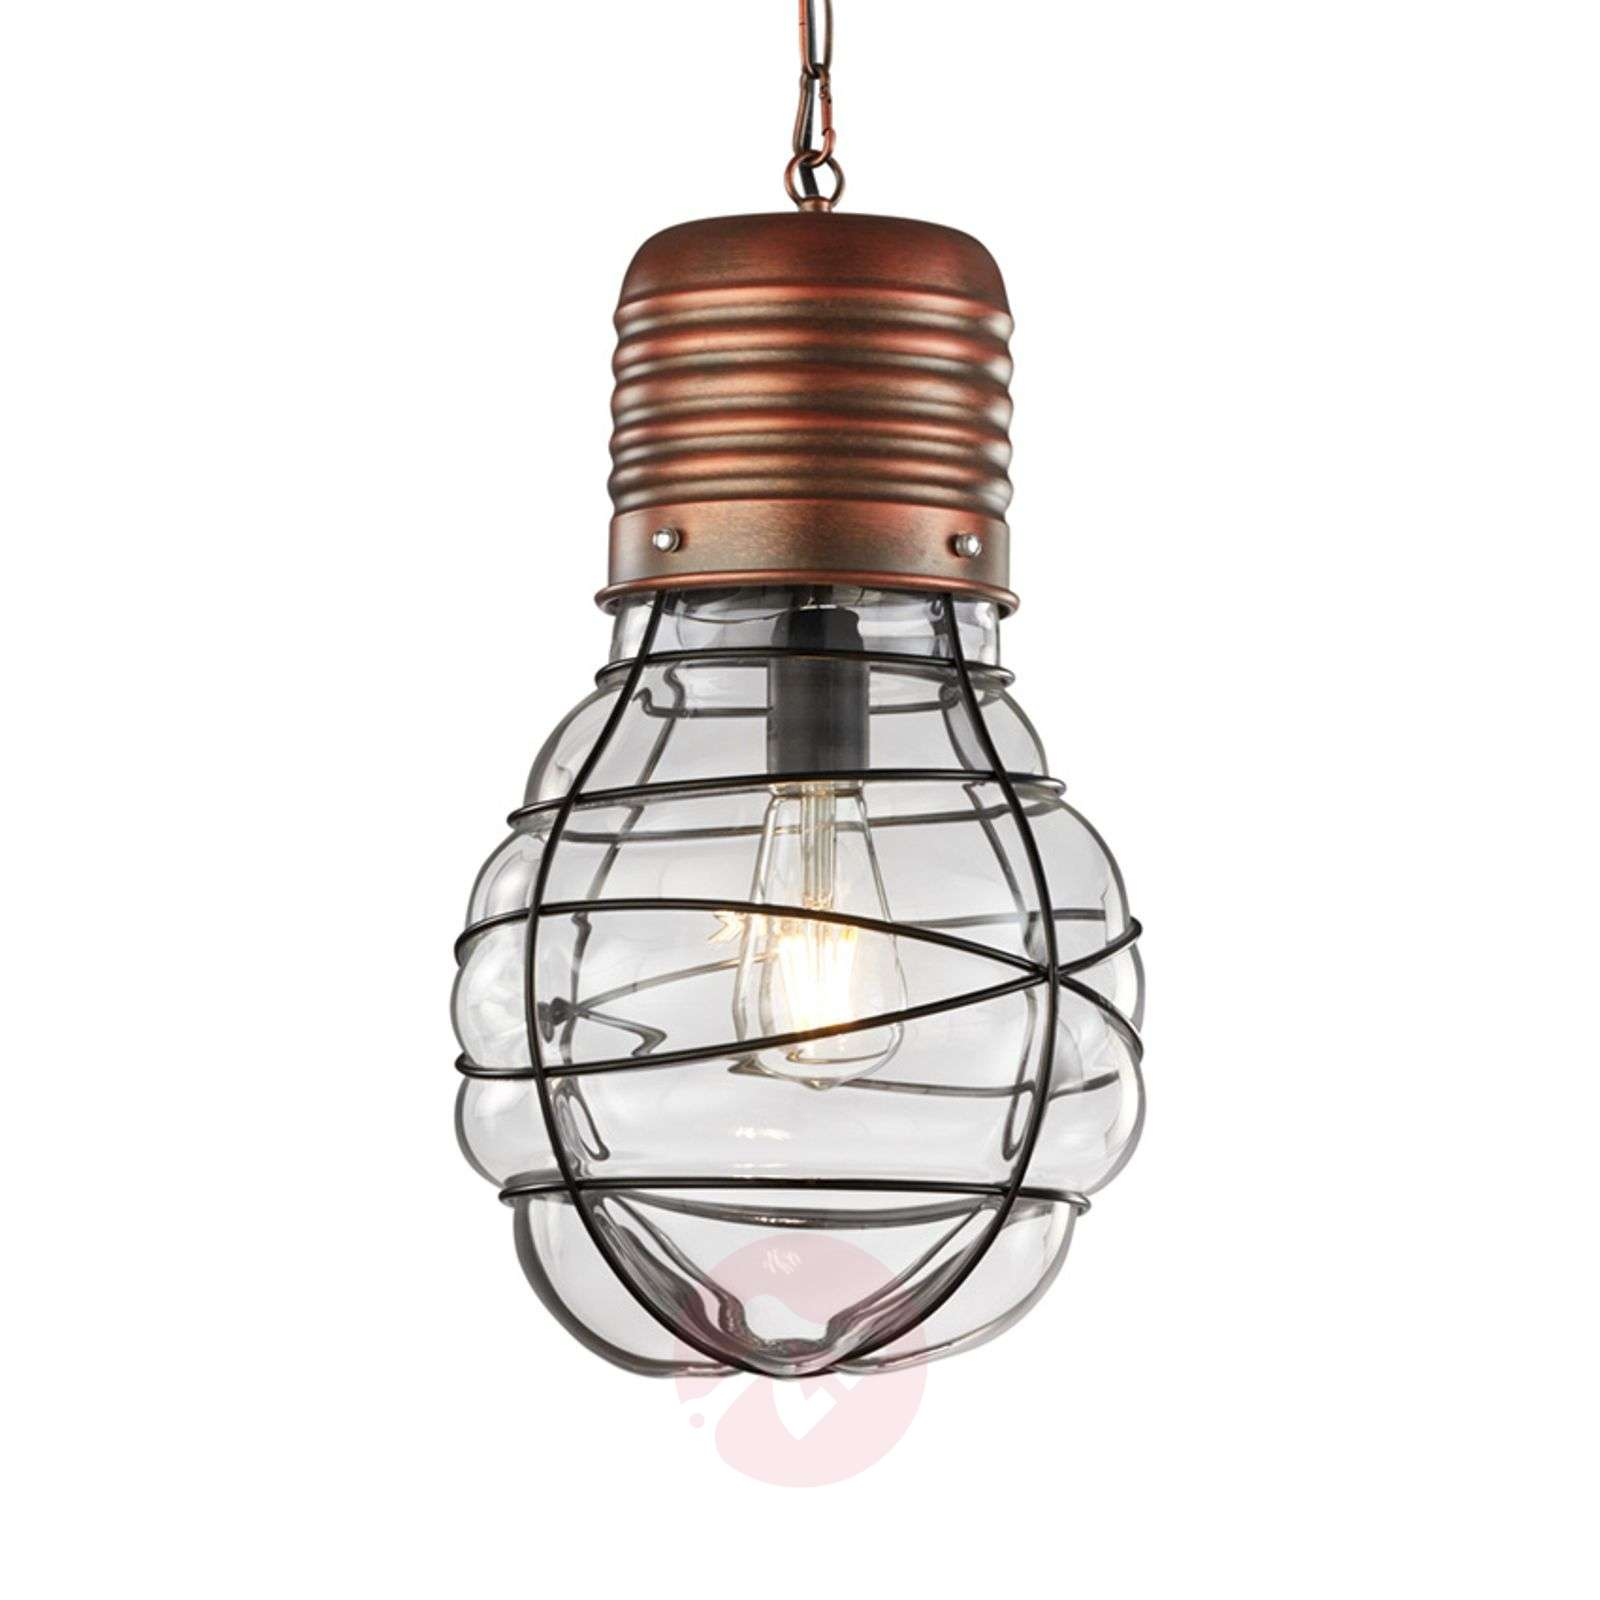 Pendant lamp Edda Antique copper_9005303_1